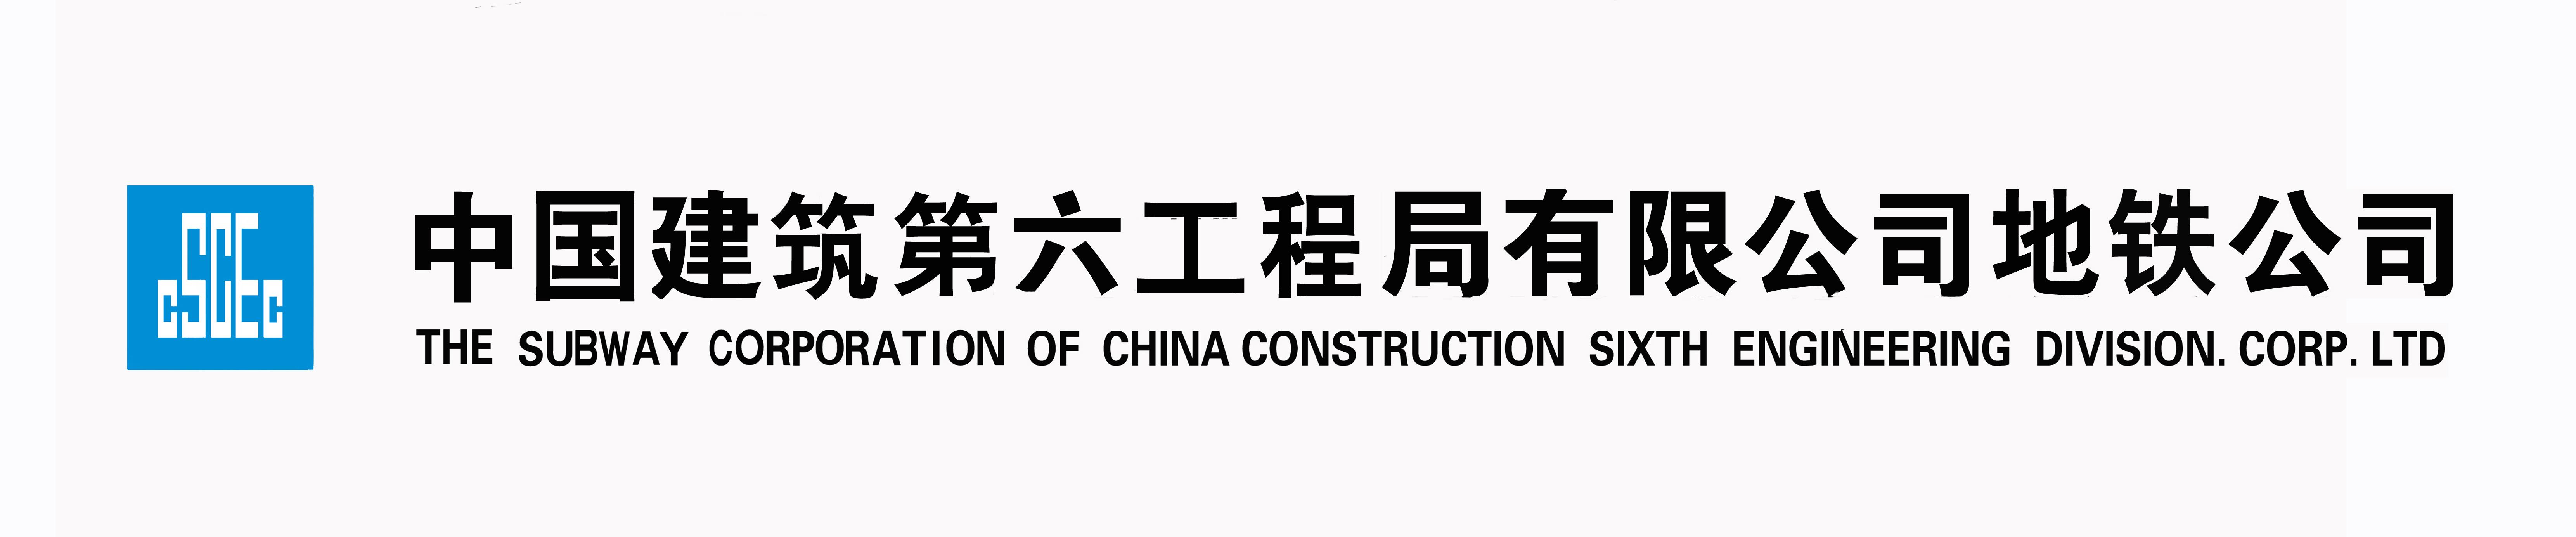 中国建筑第六工程局有限公司天津轨道交通分公司